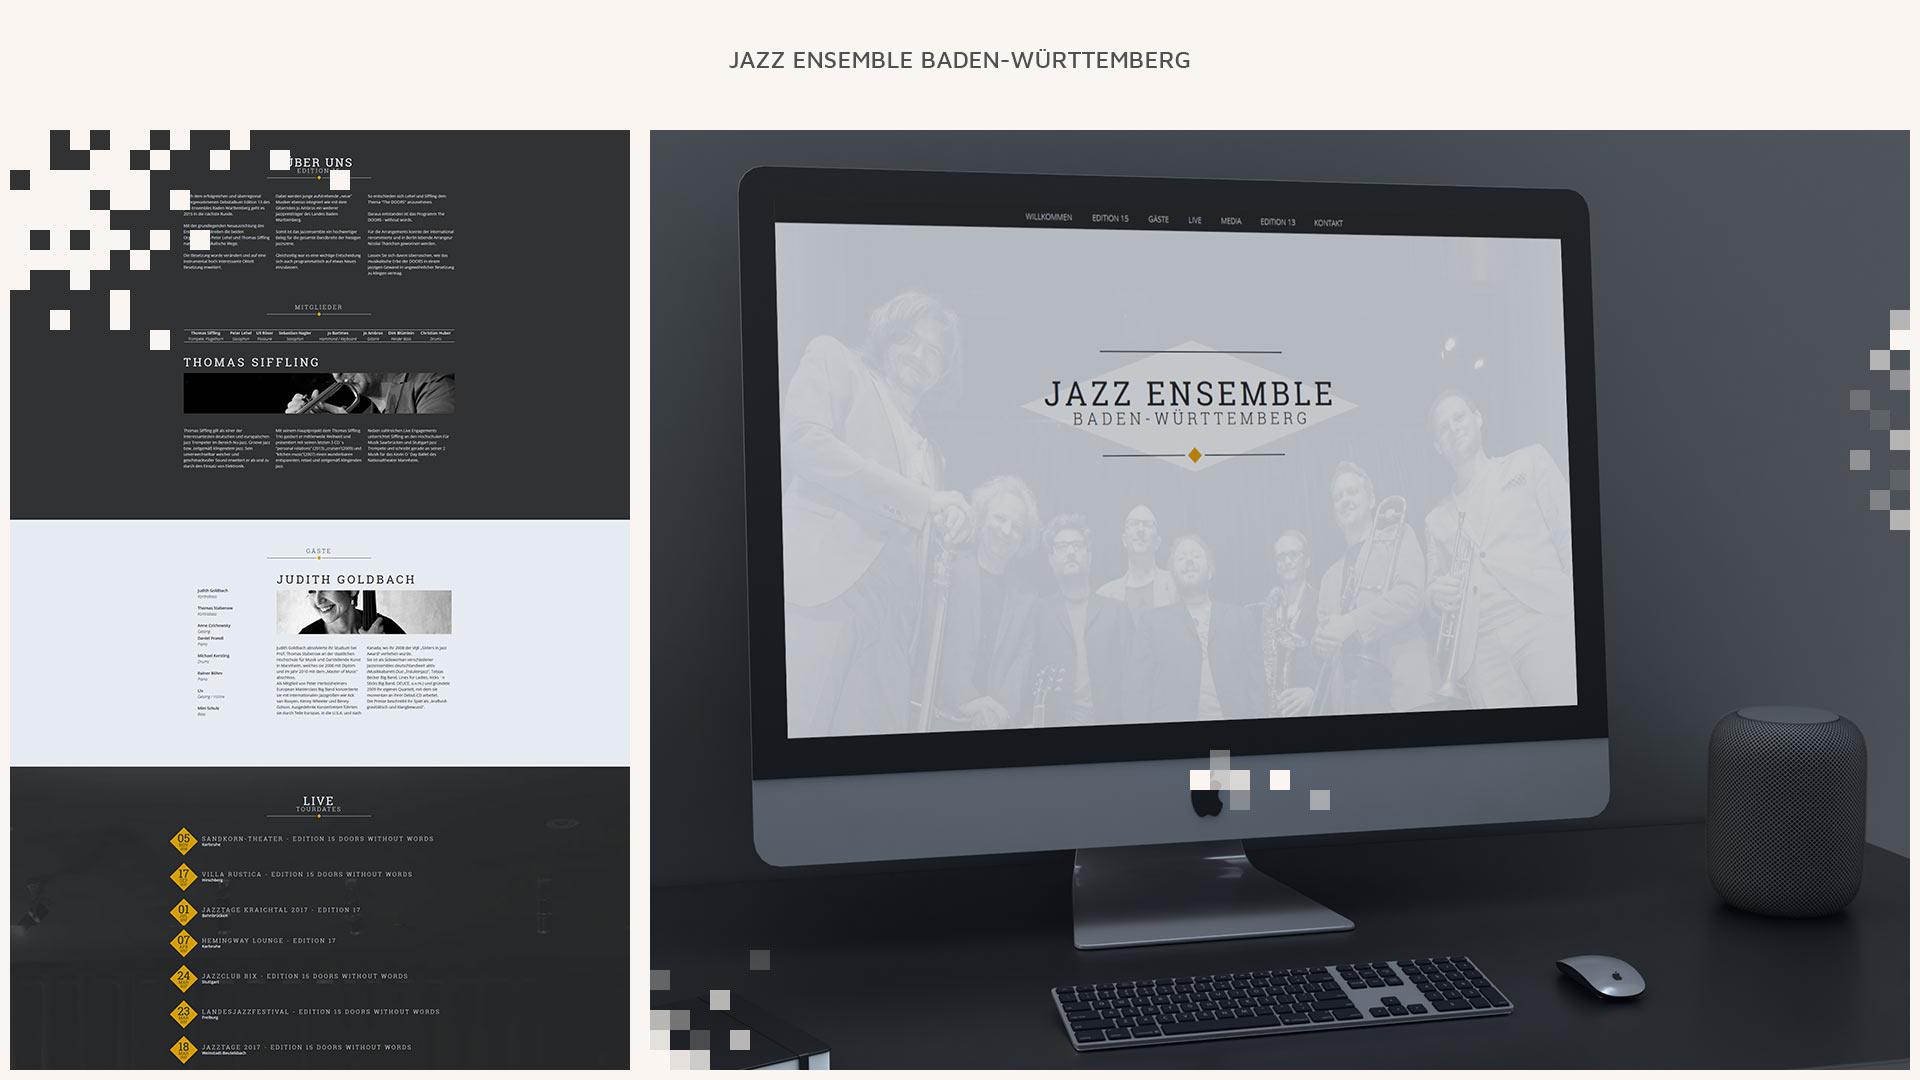 Jazz Ensemble Baden-Württemberg